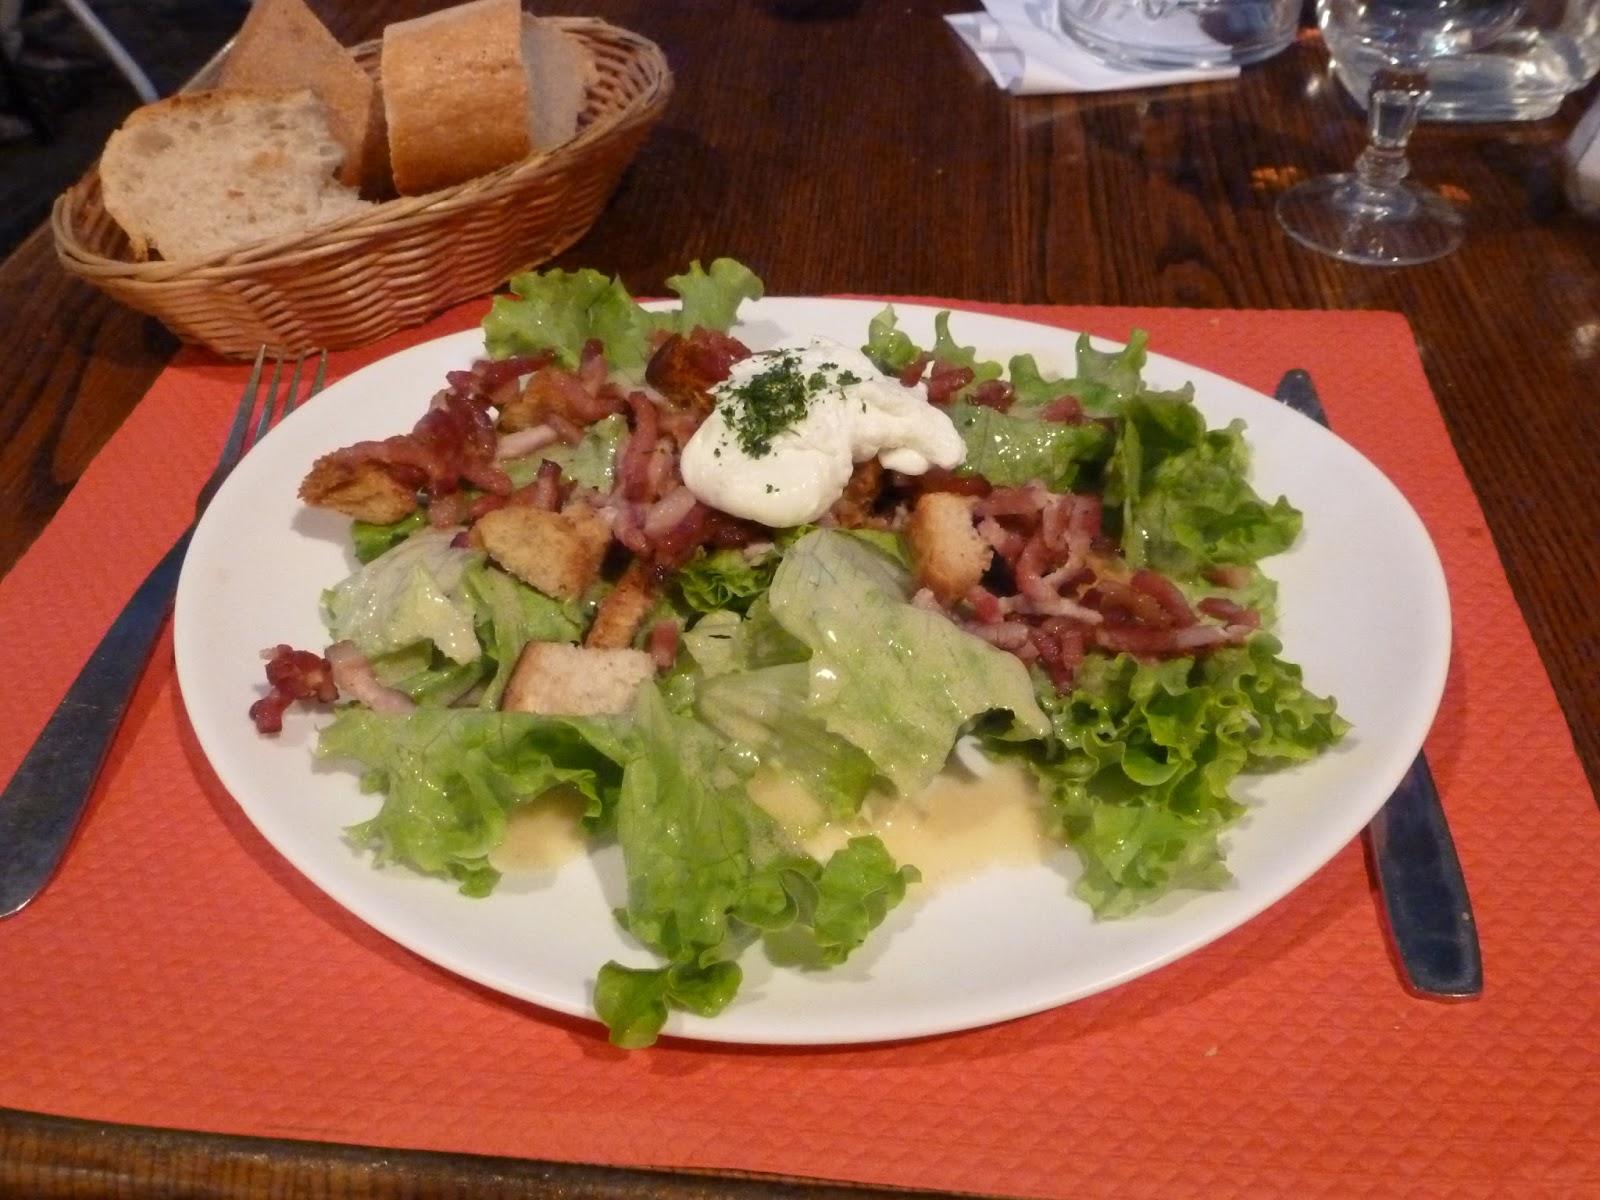 Gastronom a de lyon viajar a francia for Platos principales de francia